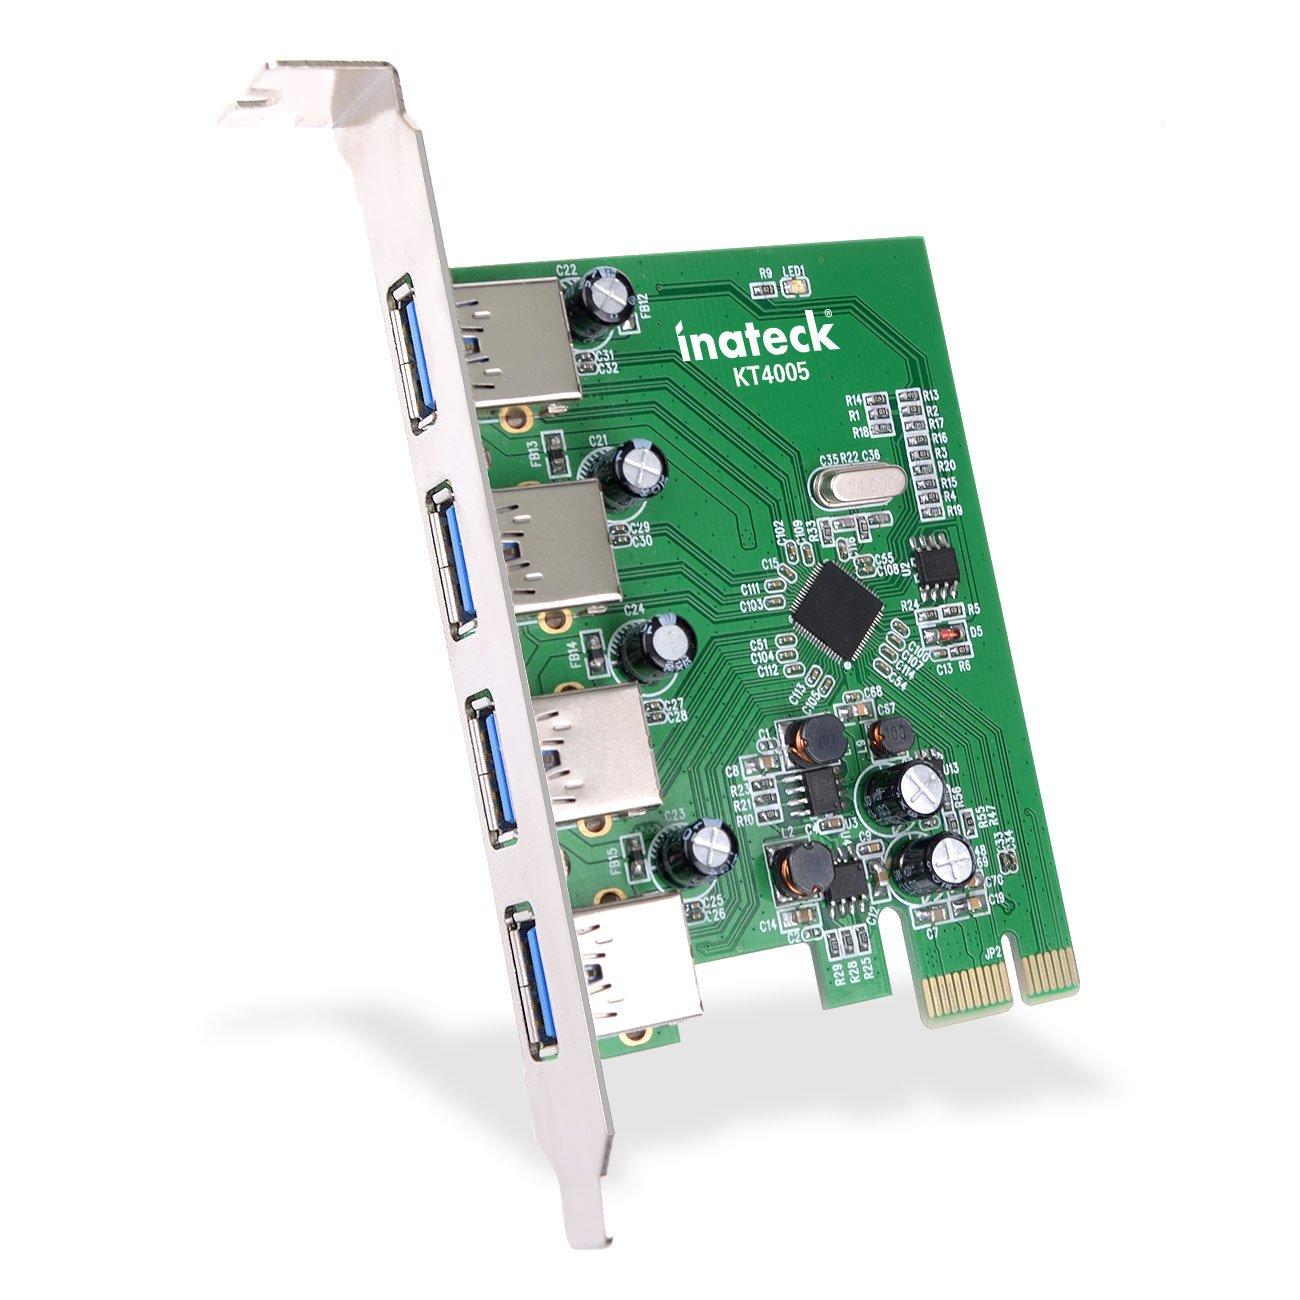 Tarjeta de expansión PCI-E a USB 3.0 Inateck de 4 puertos, tarjeta Express USB 3.0 compatible con escritorio Windows XP